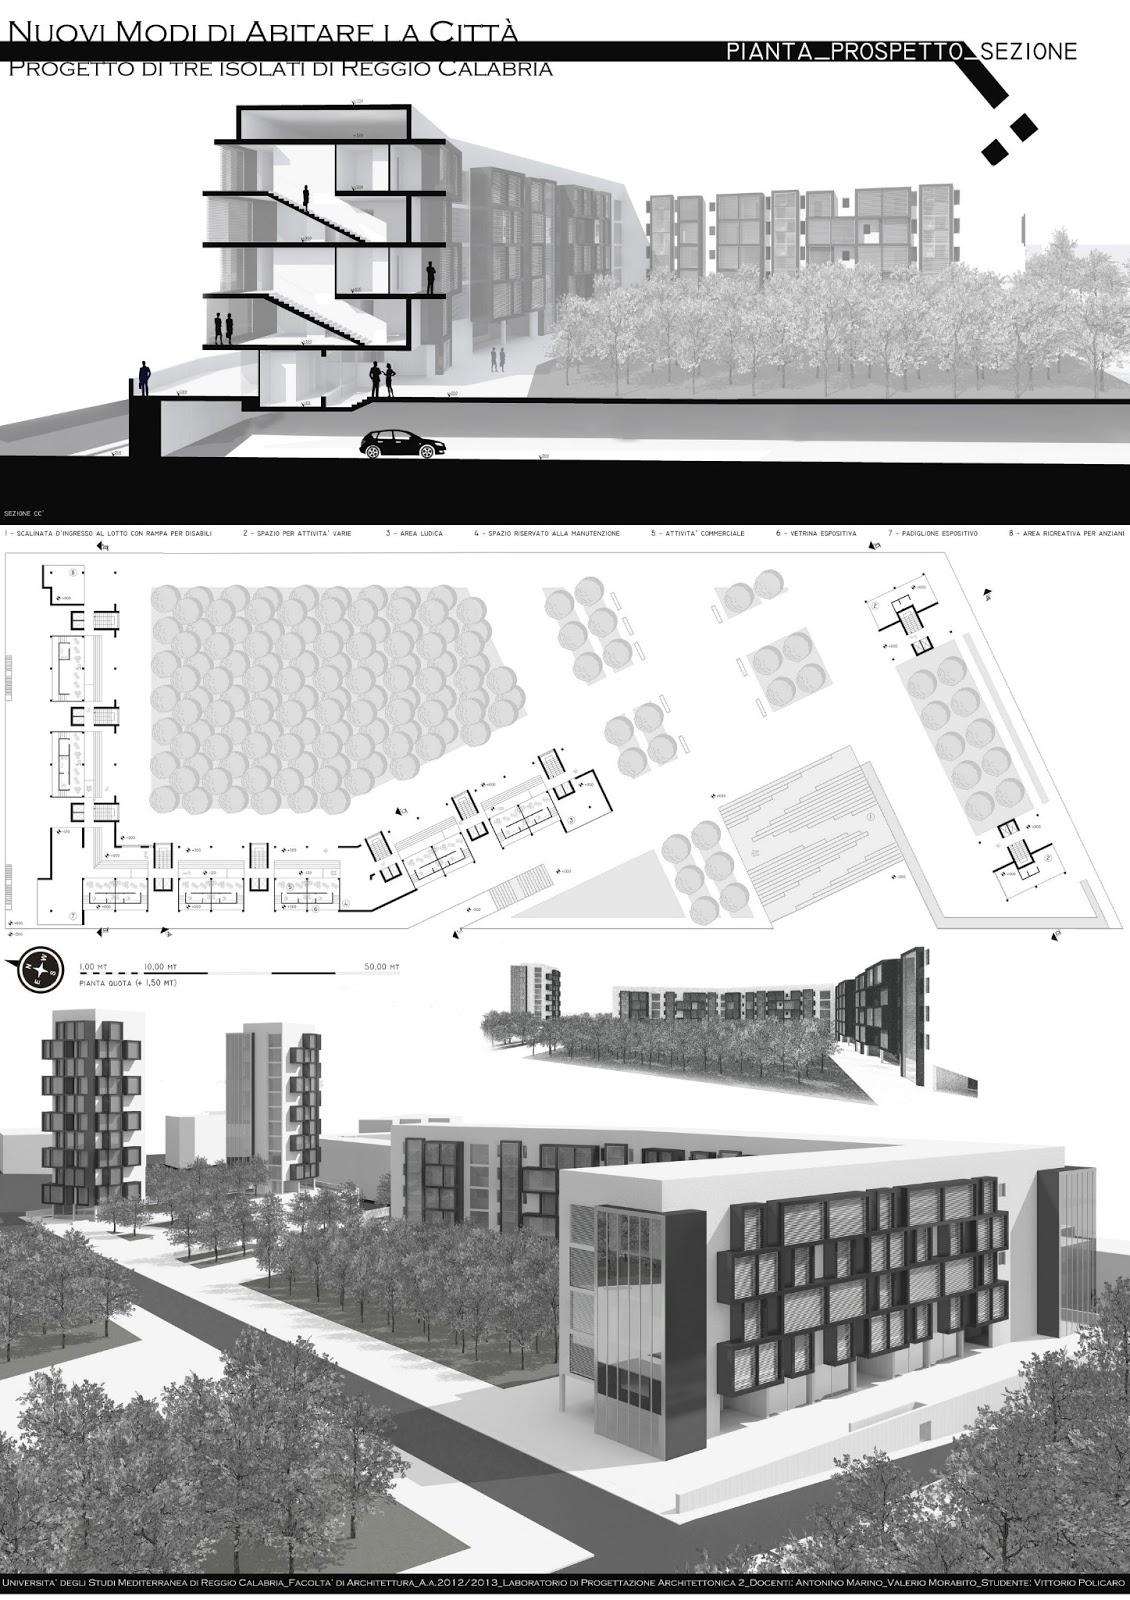 Vittorio policaro architect complesso residenziale a for Software di piano terra residenziale